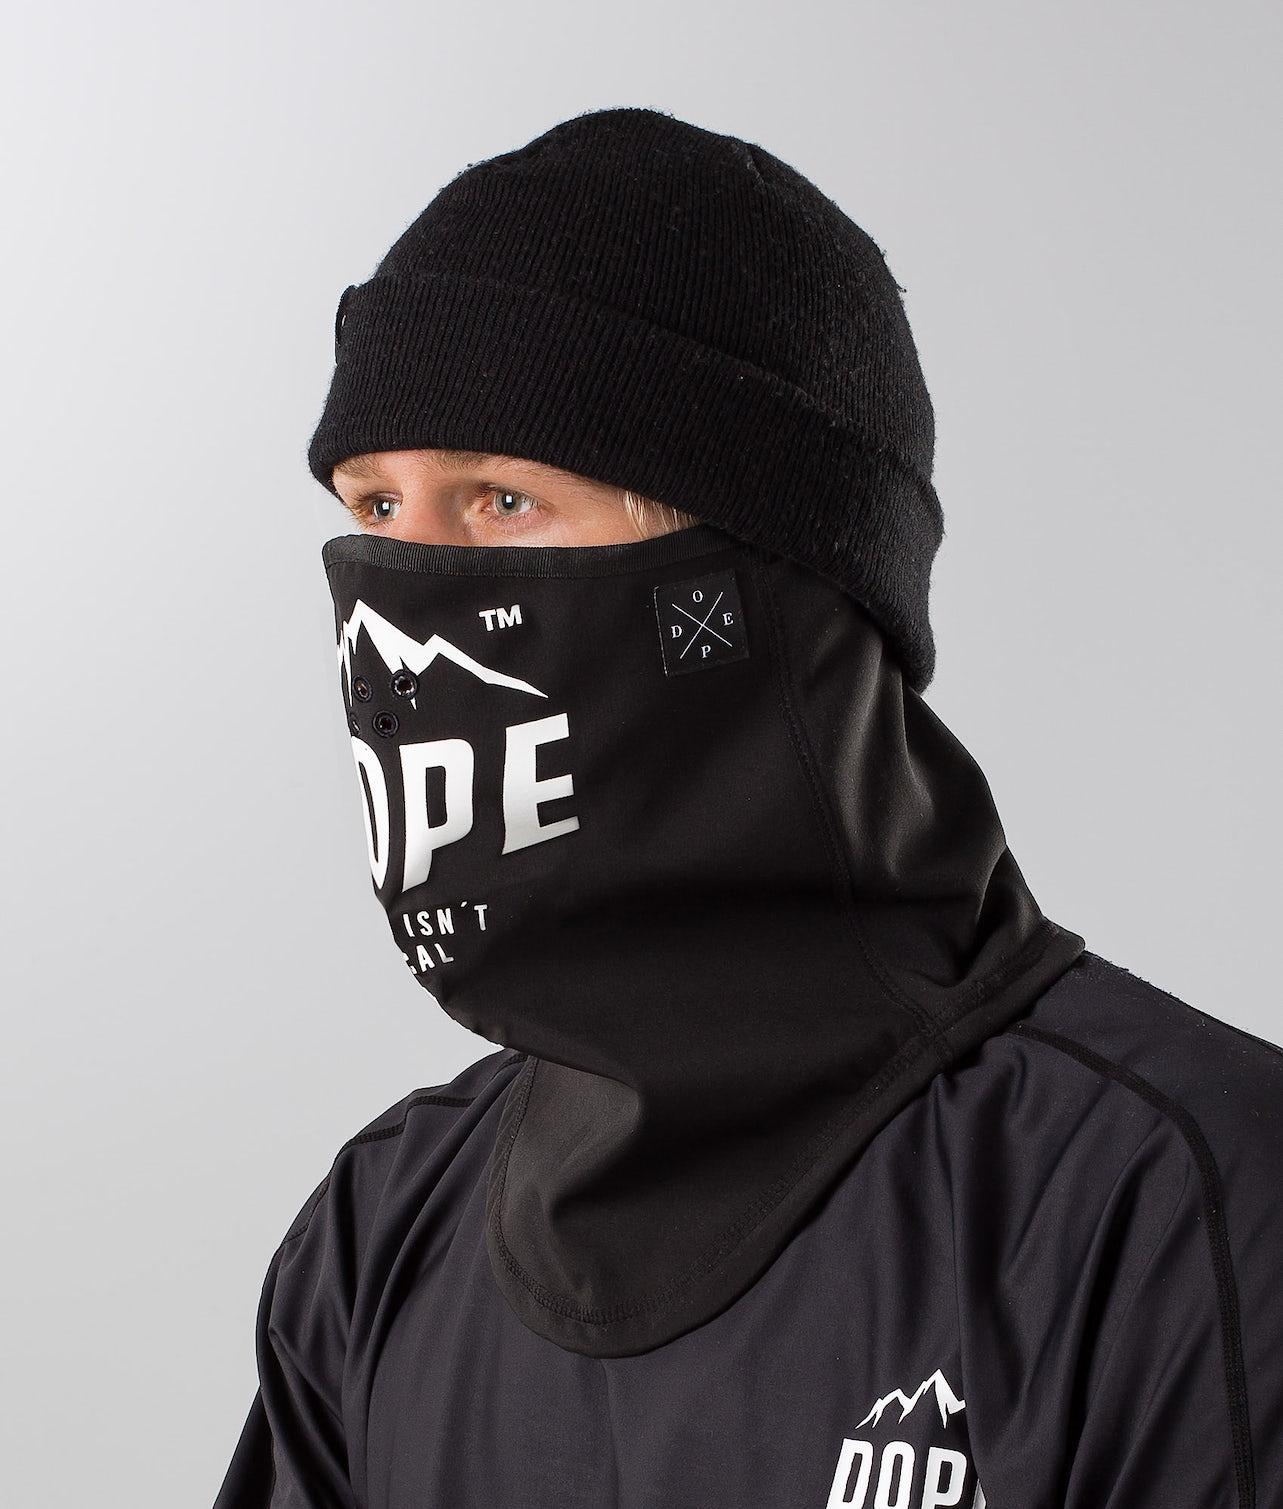 Köp Paradise Ansiktsmask från Dope på Ridestore.se Hos oss har du alltid fri frakt, fri retur och 30 dagar öppet köp!